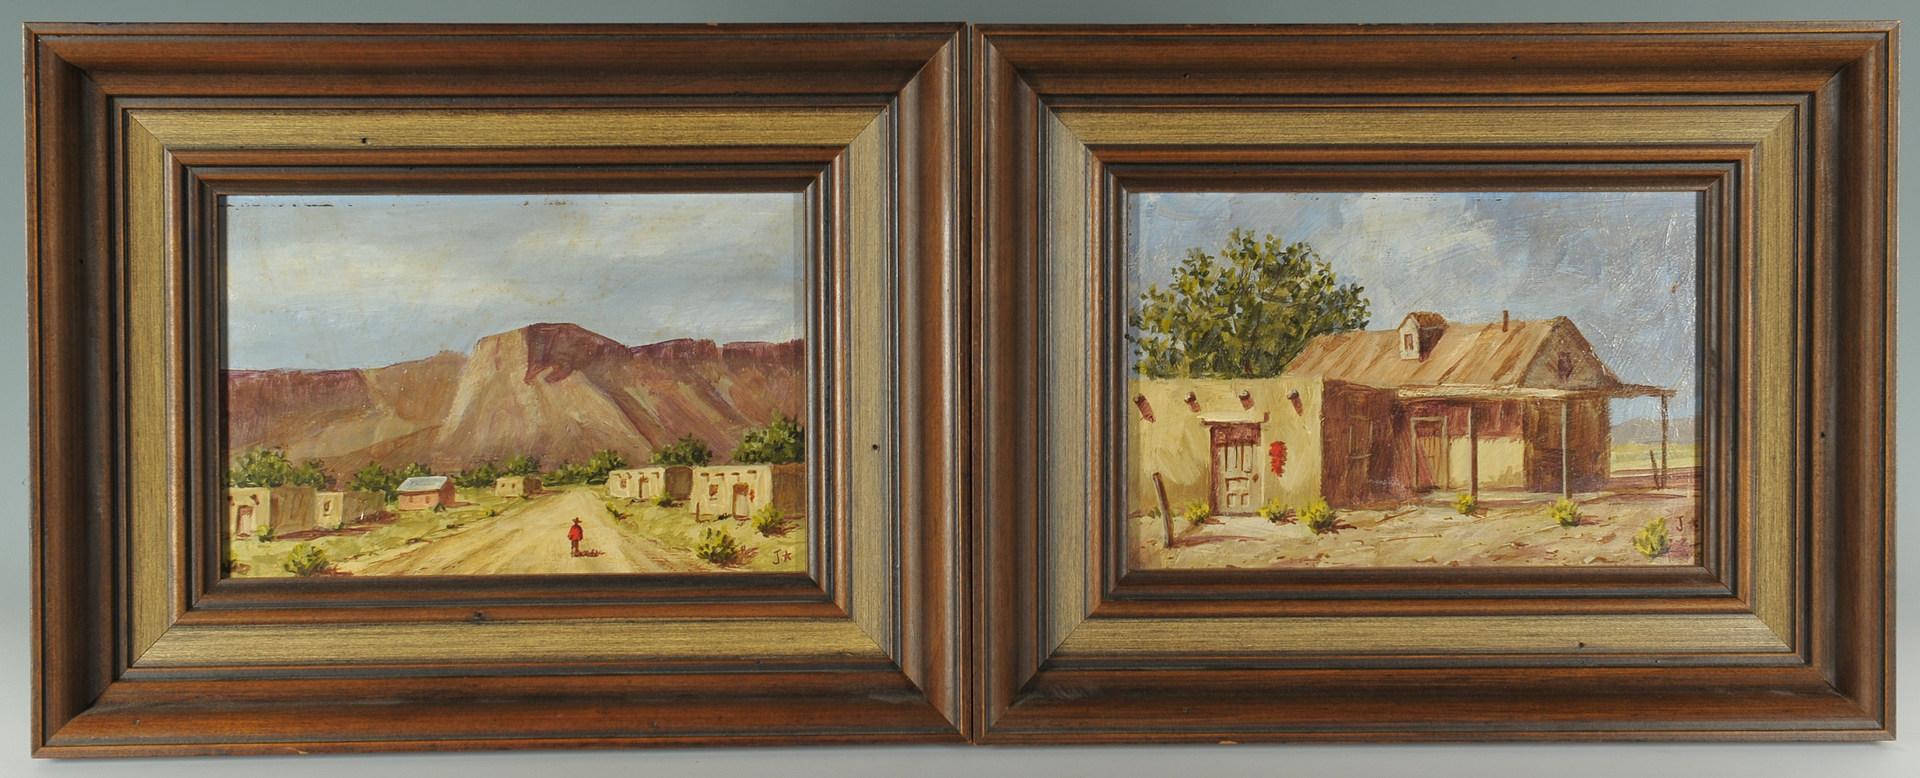 Lot 528: Pair of Southwestern scenes, oil on board